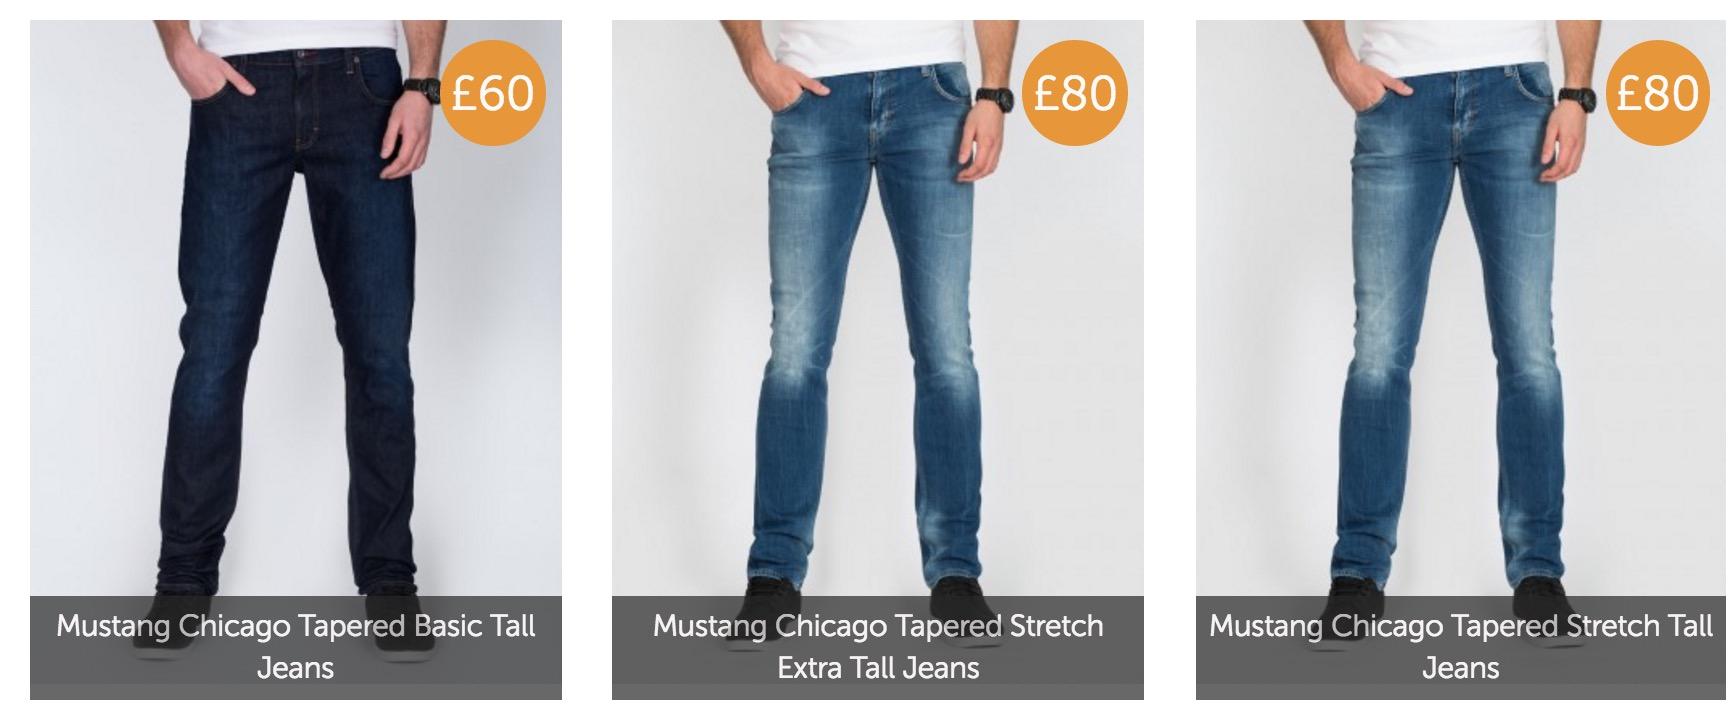 2 tall skinny jeans